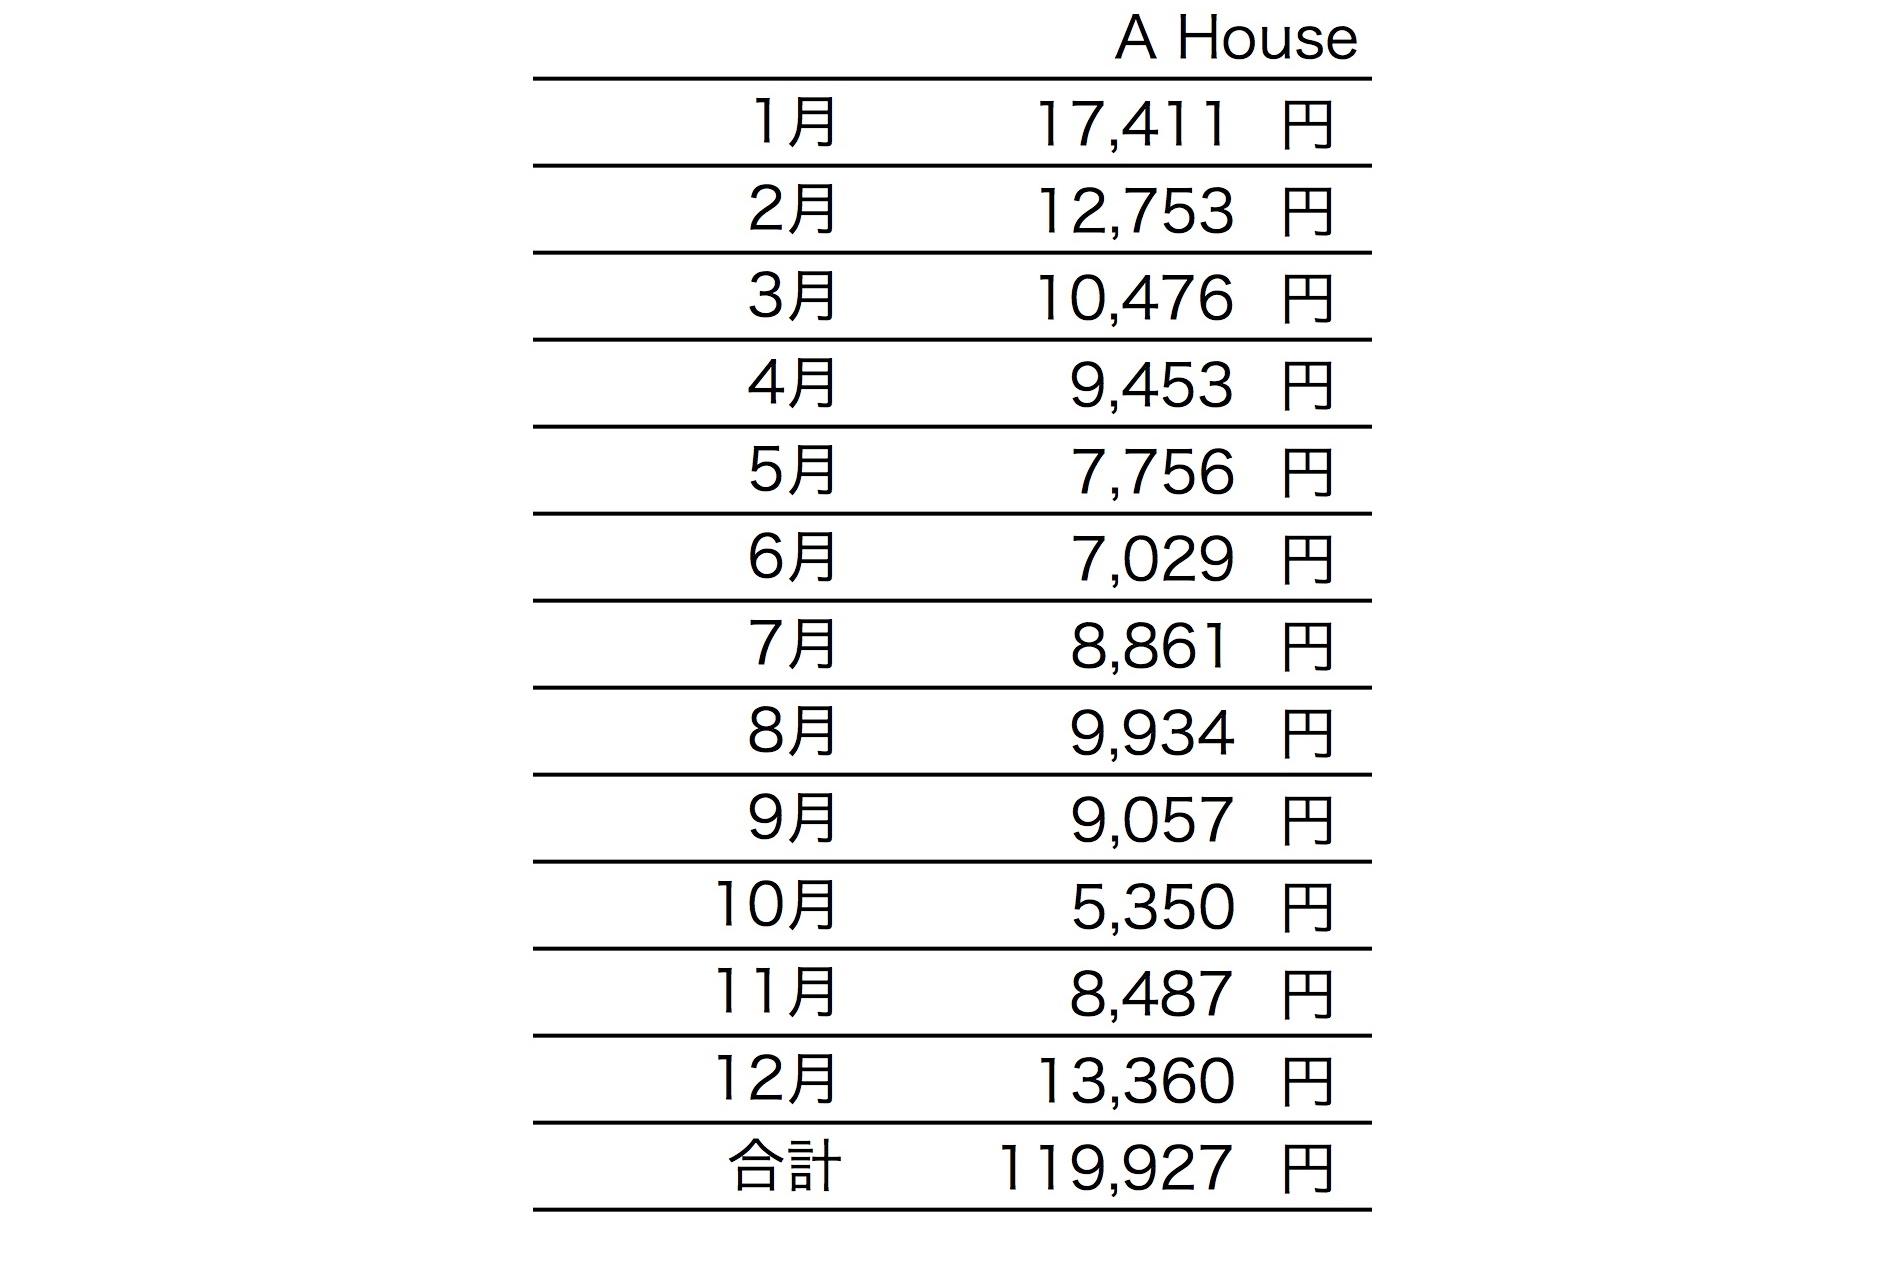 セミオーダー [ A House ] 1年間の光熱費の報告がありました!_f0165030_18064278.jpg